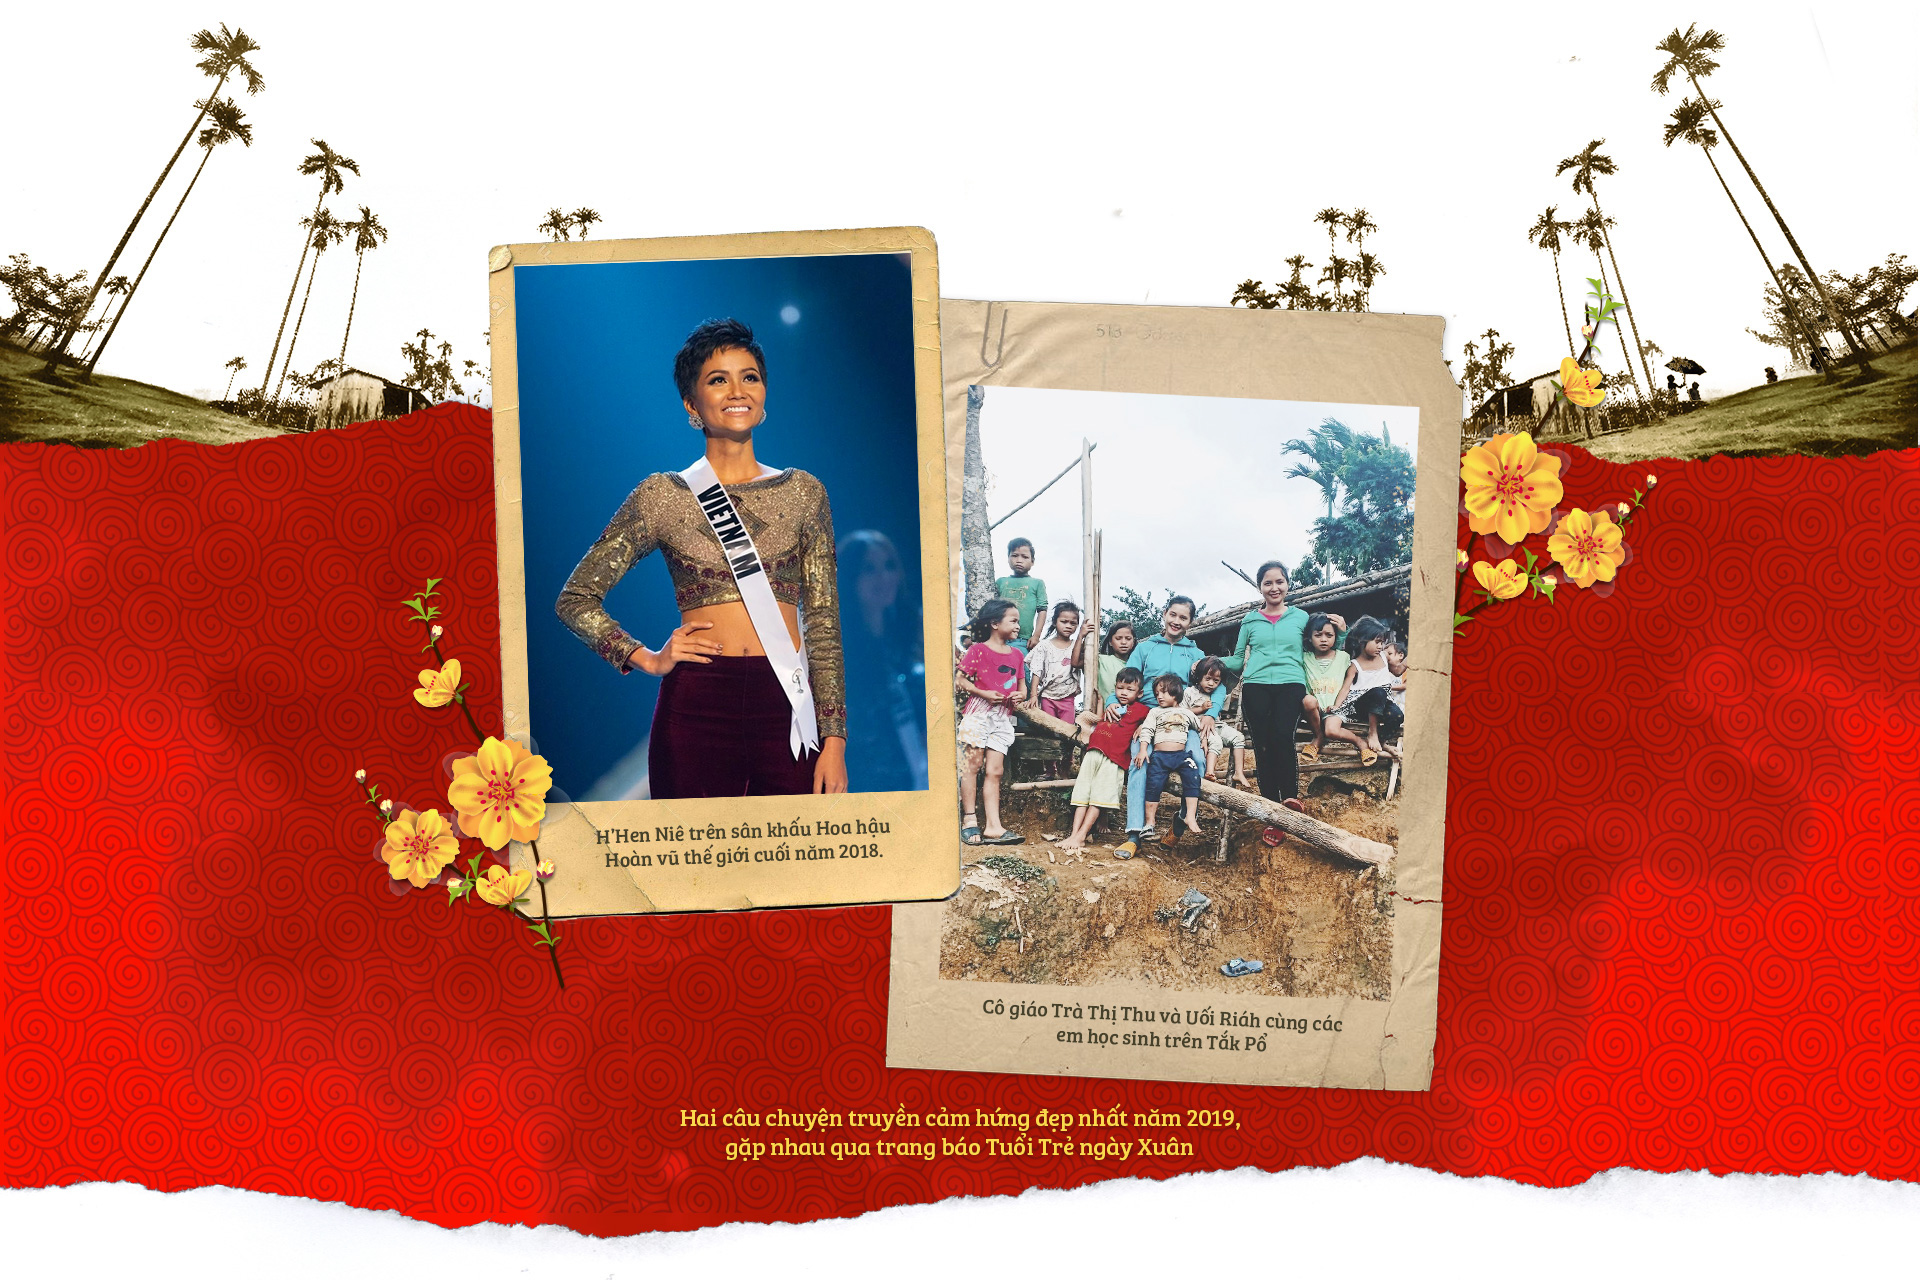 Tuổi Trẻ, HHen Niê đến với cô trò Tắk Pổ và câu chuyện bìa báo Tết Canh Tý 2020 - Ảnh 5.